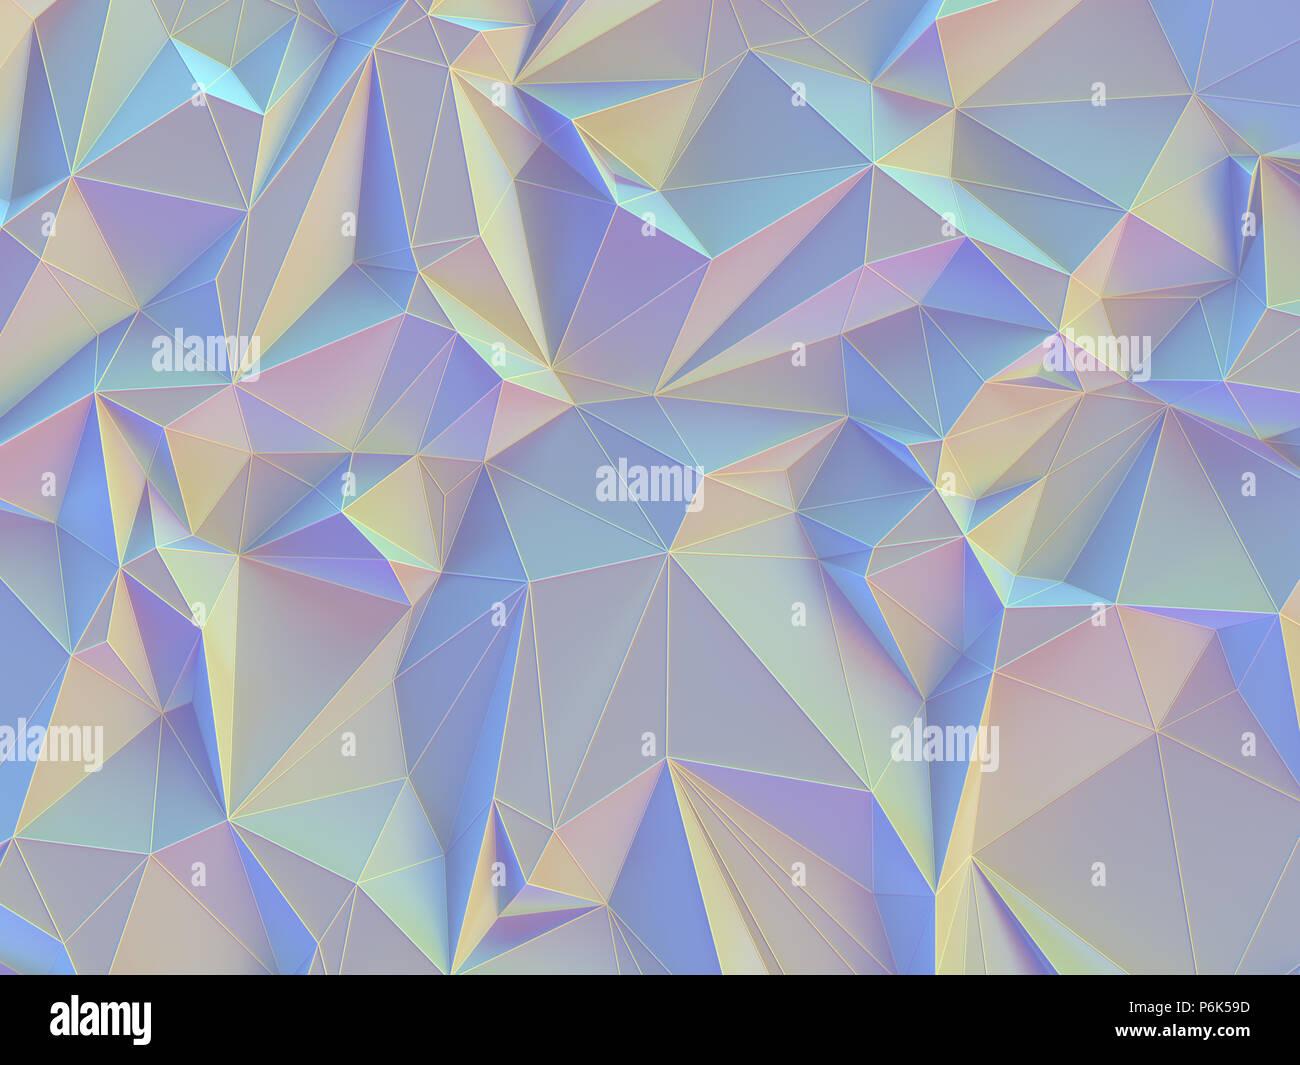 3D illustration. Abstract background image, in lines et géométriques formes triangulaires. Vintage de couleur pastel. Photo Stock